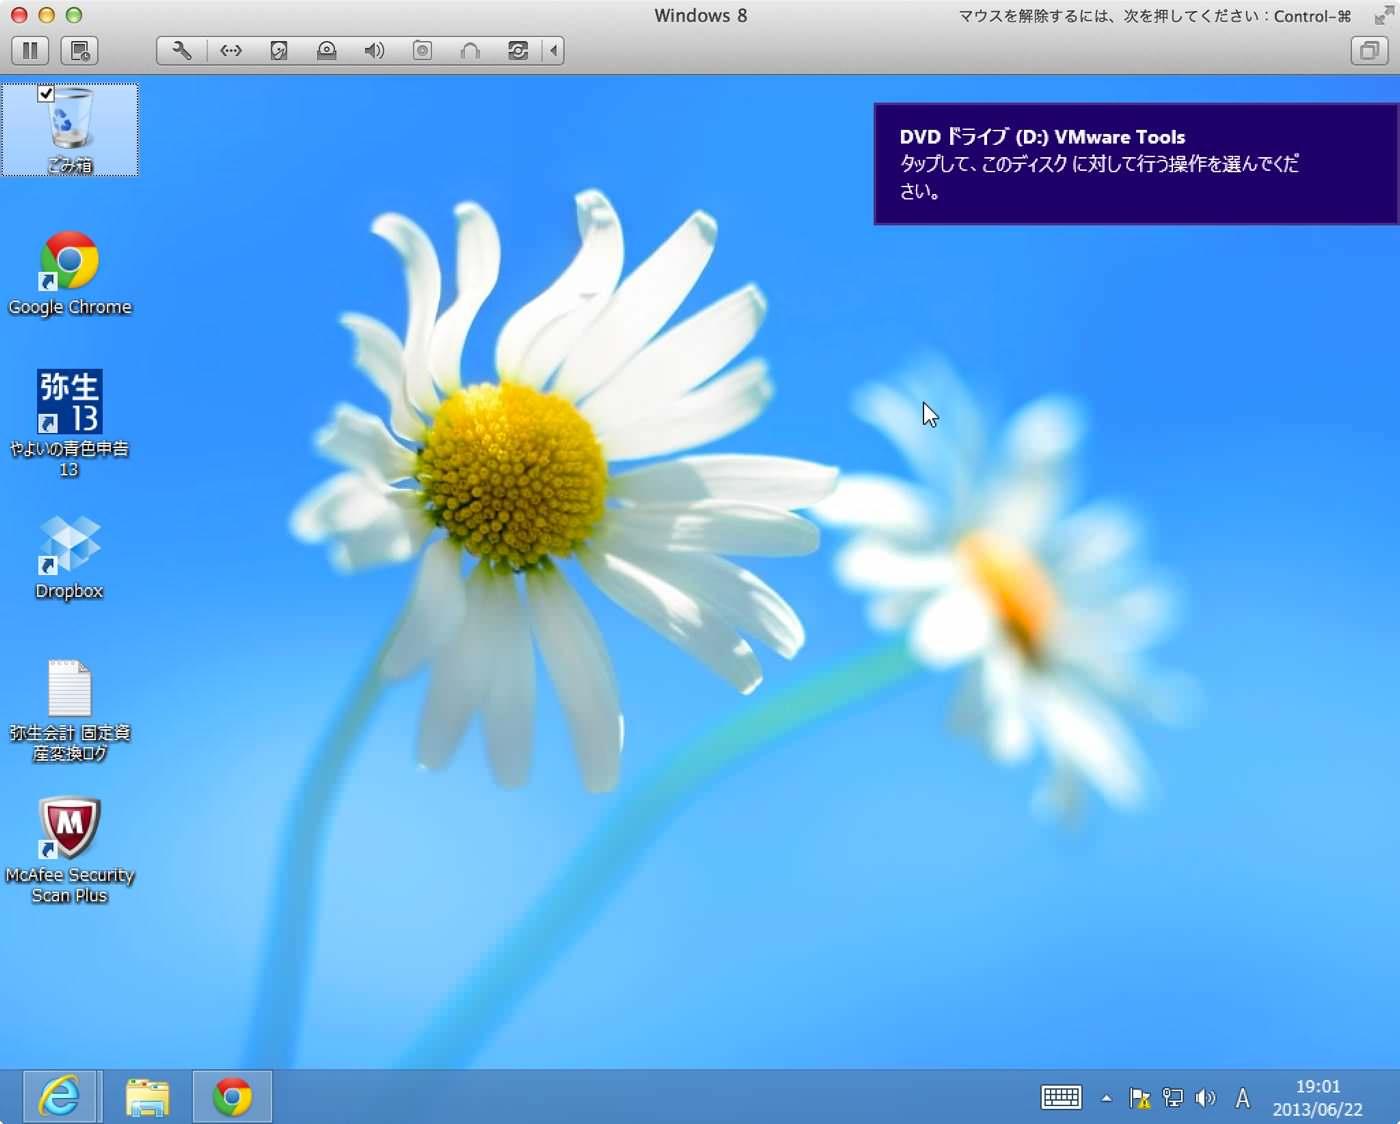 Windows8にDVDドライブ(D:)VMware Toolsアラートが表示。